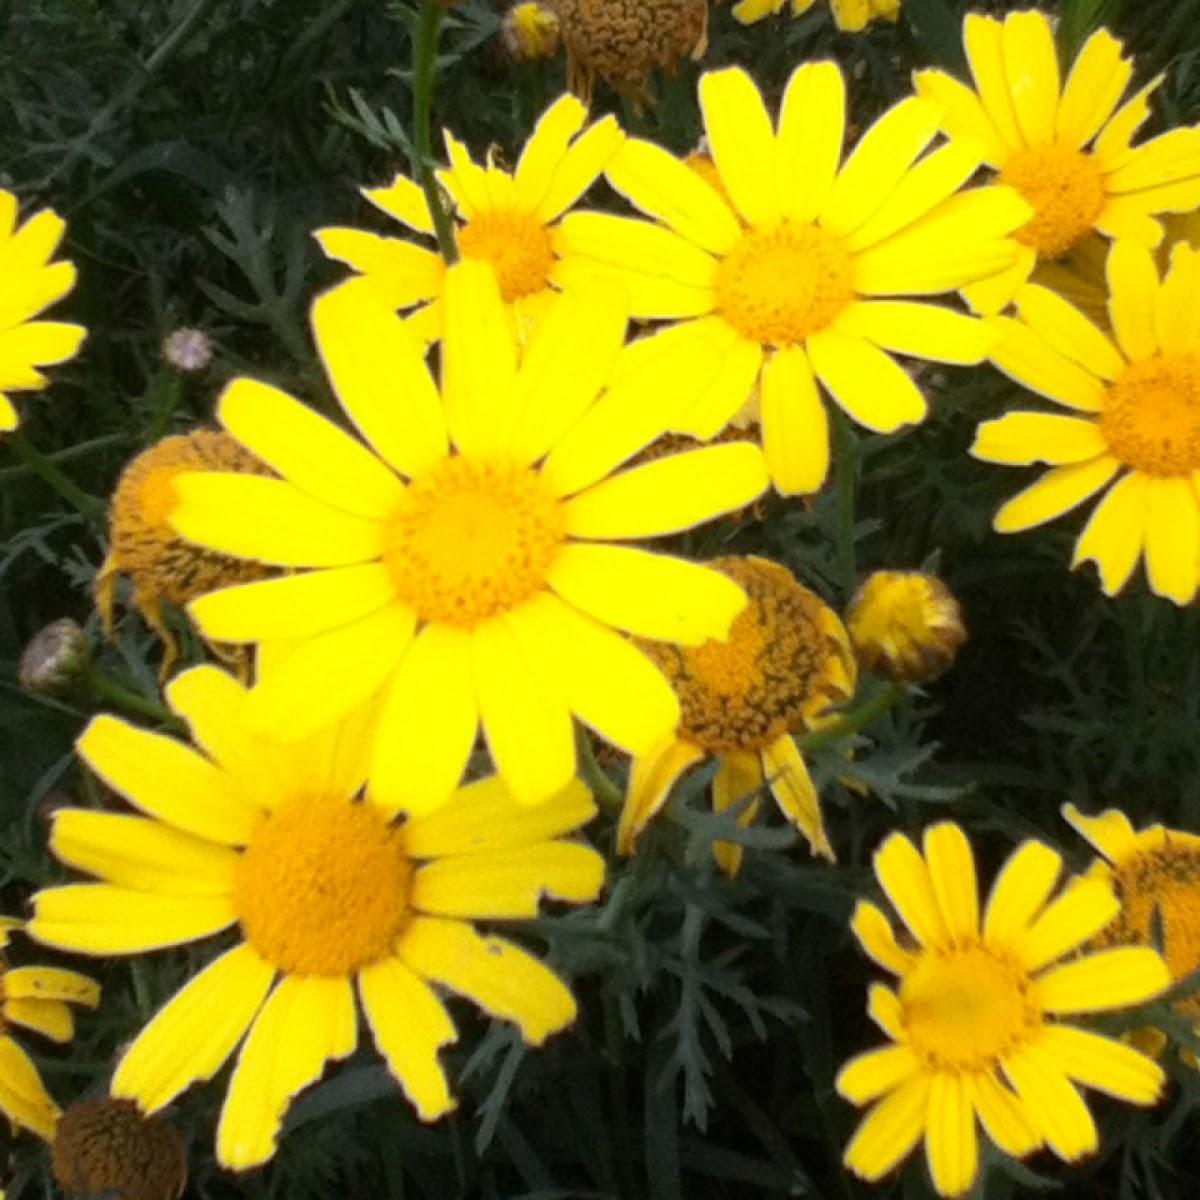 Yellow Daisy Bush